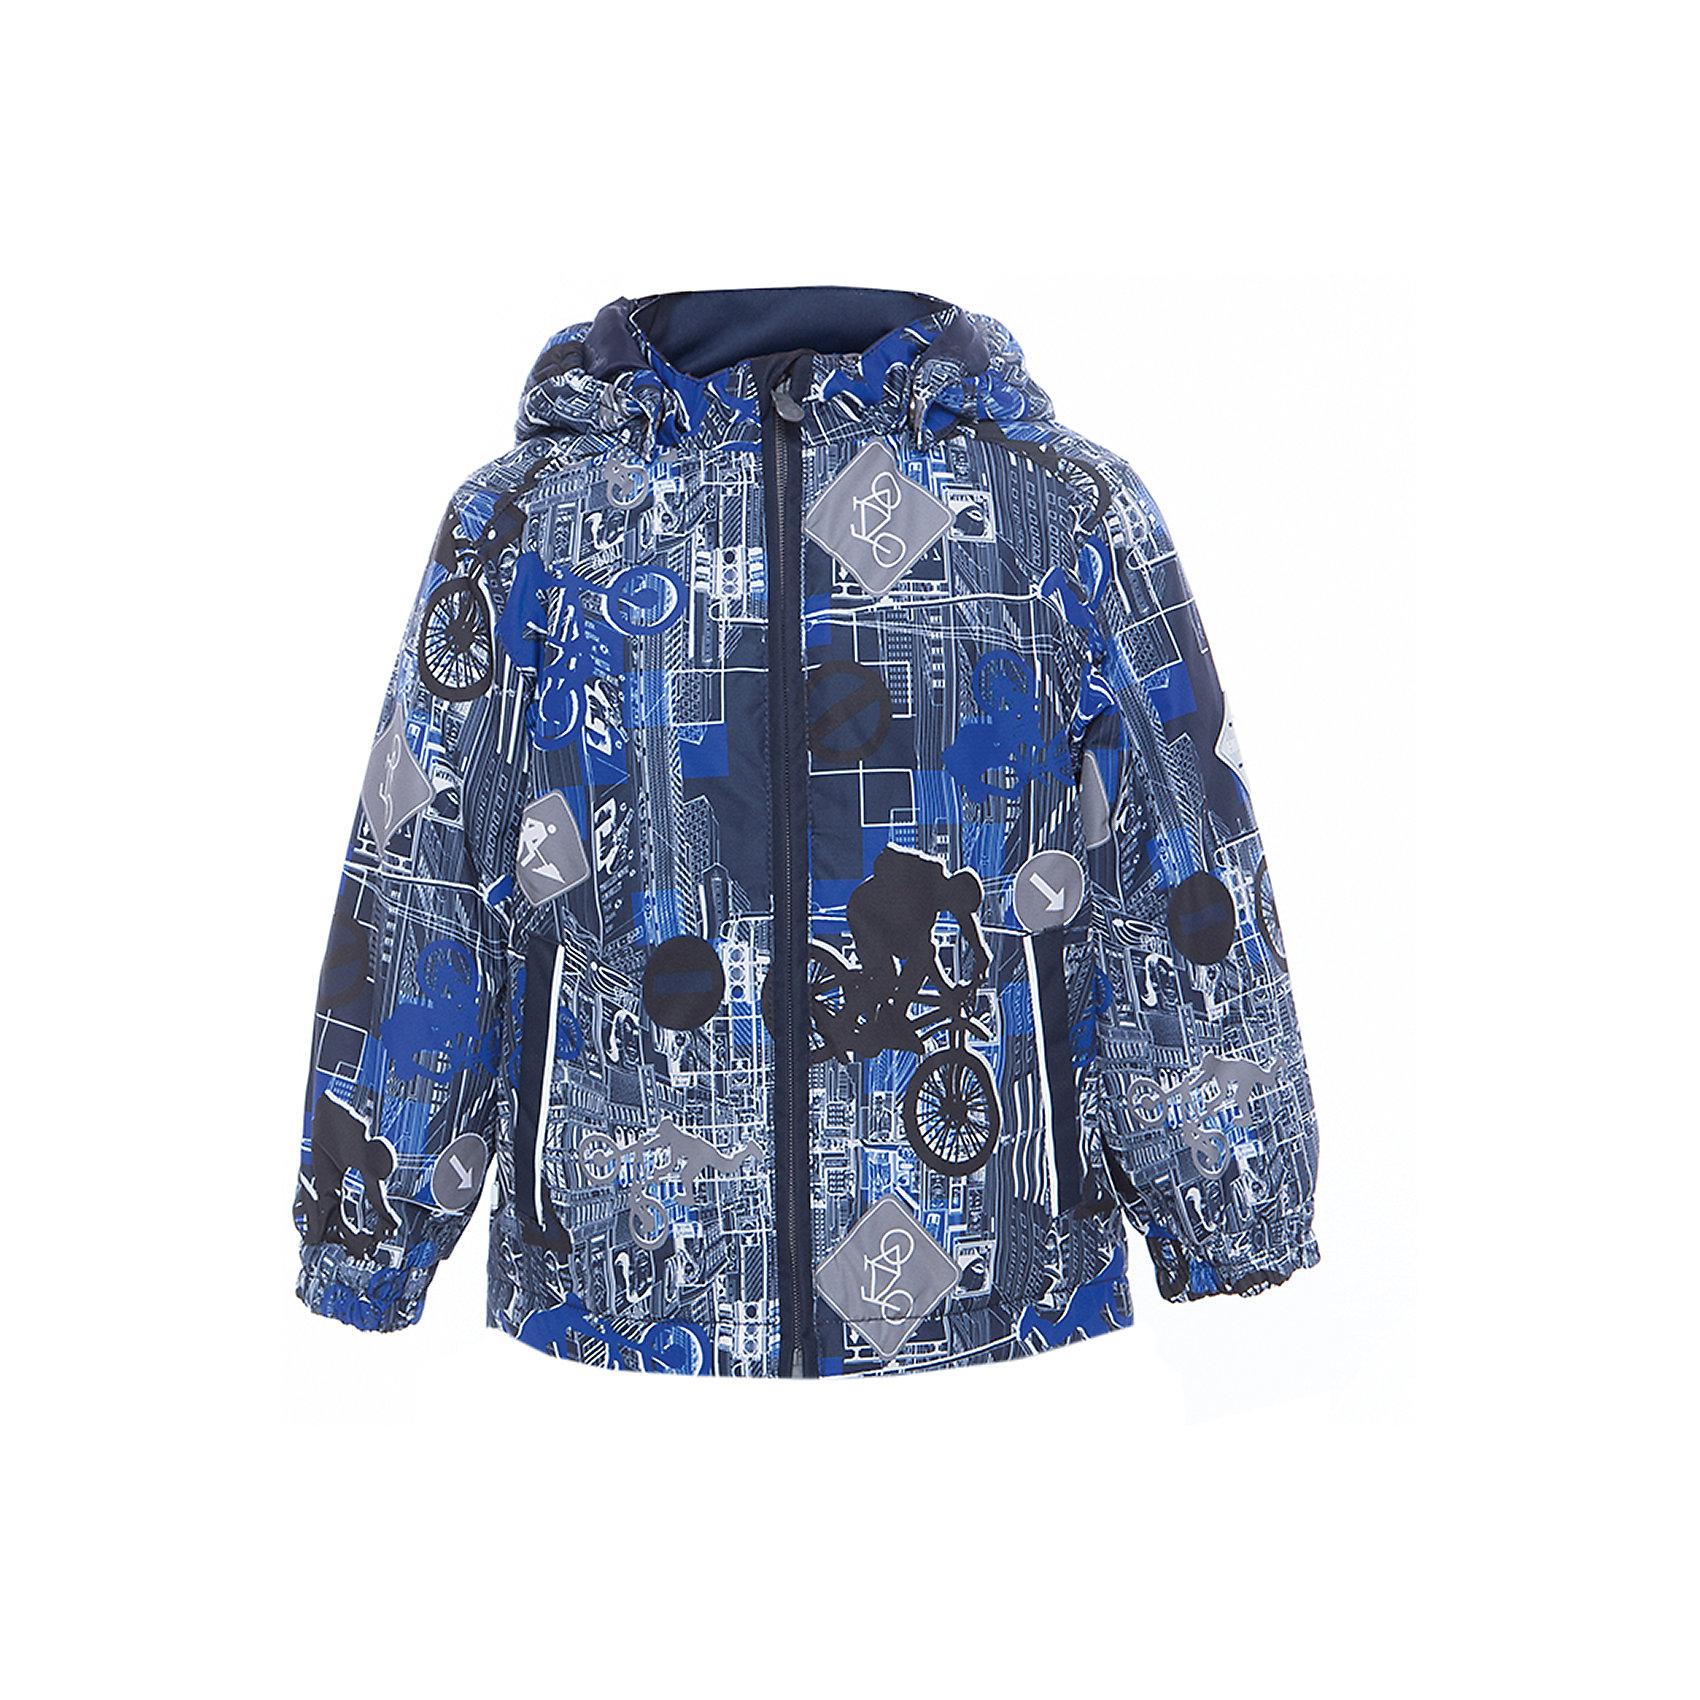 Куртка JODY для мальчика HuppaВерхняя одежда<br>Характеристики товара:<br><br>• цвет: синий<br>• ткань: 100% полиэстер<br>• подкладка: тафта - 100% полиэстер<br>• утеплитель: 100% полиэстер 100 г<br>• температурный режим: от -5°С до +15°С<br>• водонепроницаемость: 10000 мм<br>• воздухопроницаемость: 10000 мм<br>• светоотражающие детали<br>• эластичные манжеты<br>• молния<br>• съёмный капюшон<br>• комфортная посадка<br>• коллекция: весна-лето 2017<br>• страна бренда: Эстония<br><br>Эта стильная куртка обеспечит детям тепло и комфорт. Она сделана из материала, отталкивающего воду, и дополнено подкладкой с утеплителем, поэтому изделие идеально подходит для межсезонья. Материал изделия - с мембранной технологией: защищая от влаги и ветра, он легко выводит лишнюю влагу наружу. Для удобства сделан капюшон. Куртка очень симпатично смотрится, яркая расцветка и крой добавляют ему оригинальности. Модель была разработана специально для детей.<br><br>Одежда и обувь от популярного эстонского бренда Huppa - отличный вариант одеть ребенка можно и комфортно. Вещи, выпускаемые компанией, качественные, продуманные и очень удобные. Для производства изделий используются только безопасные для детей материалы. Продукция от Huppa порадует и детей, и их родителей!<br><br>Куртку JODY от бренда Huppa (Хуппа) можно купить в нашем интернет-магазине.<br><br>Ширина мм: 356<br>Глубина мм: 10<br>Высота мм: 245<br>Вес г: 519<br>Цвет: синий<br>Возраст от месяцев: 18<br>Возраст до месяцев: 24<br>Пол: Мужской<br>Возраст: Детский<br>Размер: 134,140,146,92,152,98,104,110,116,122,128<br>SKU: 5347021